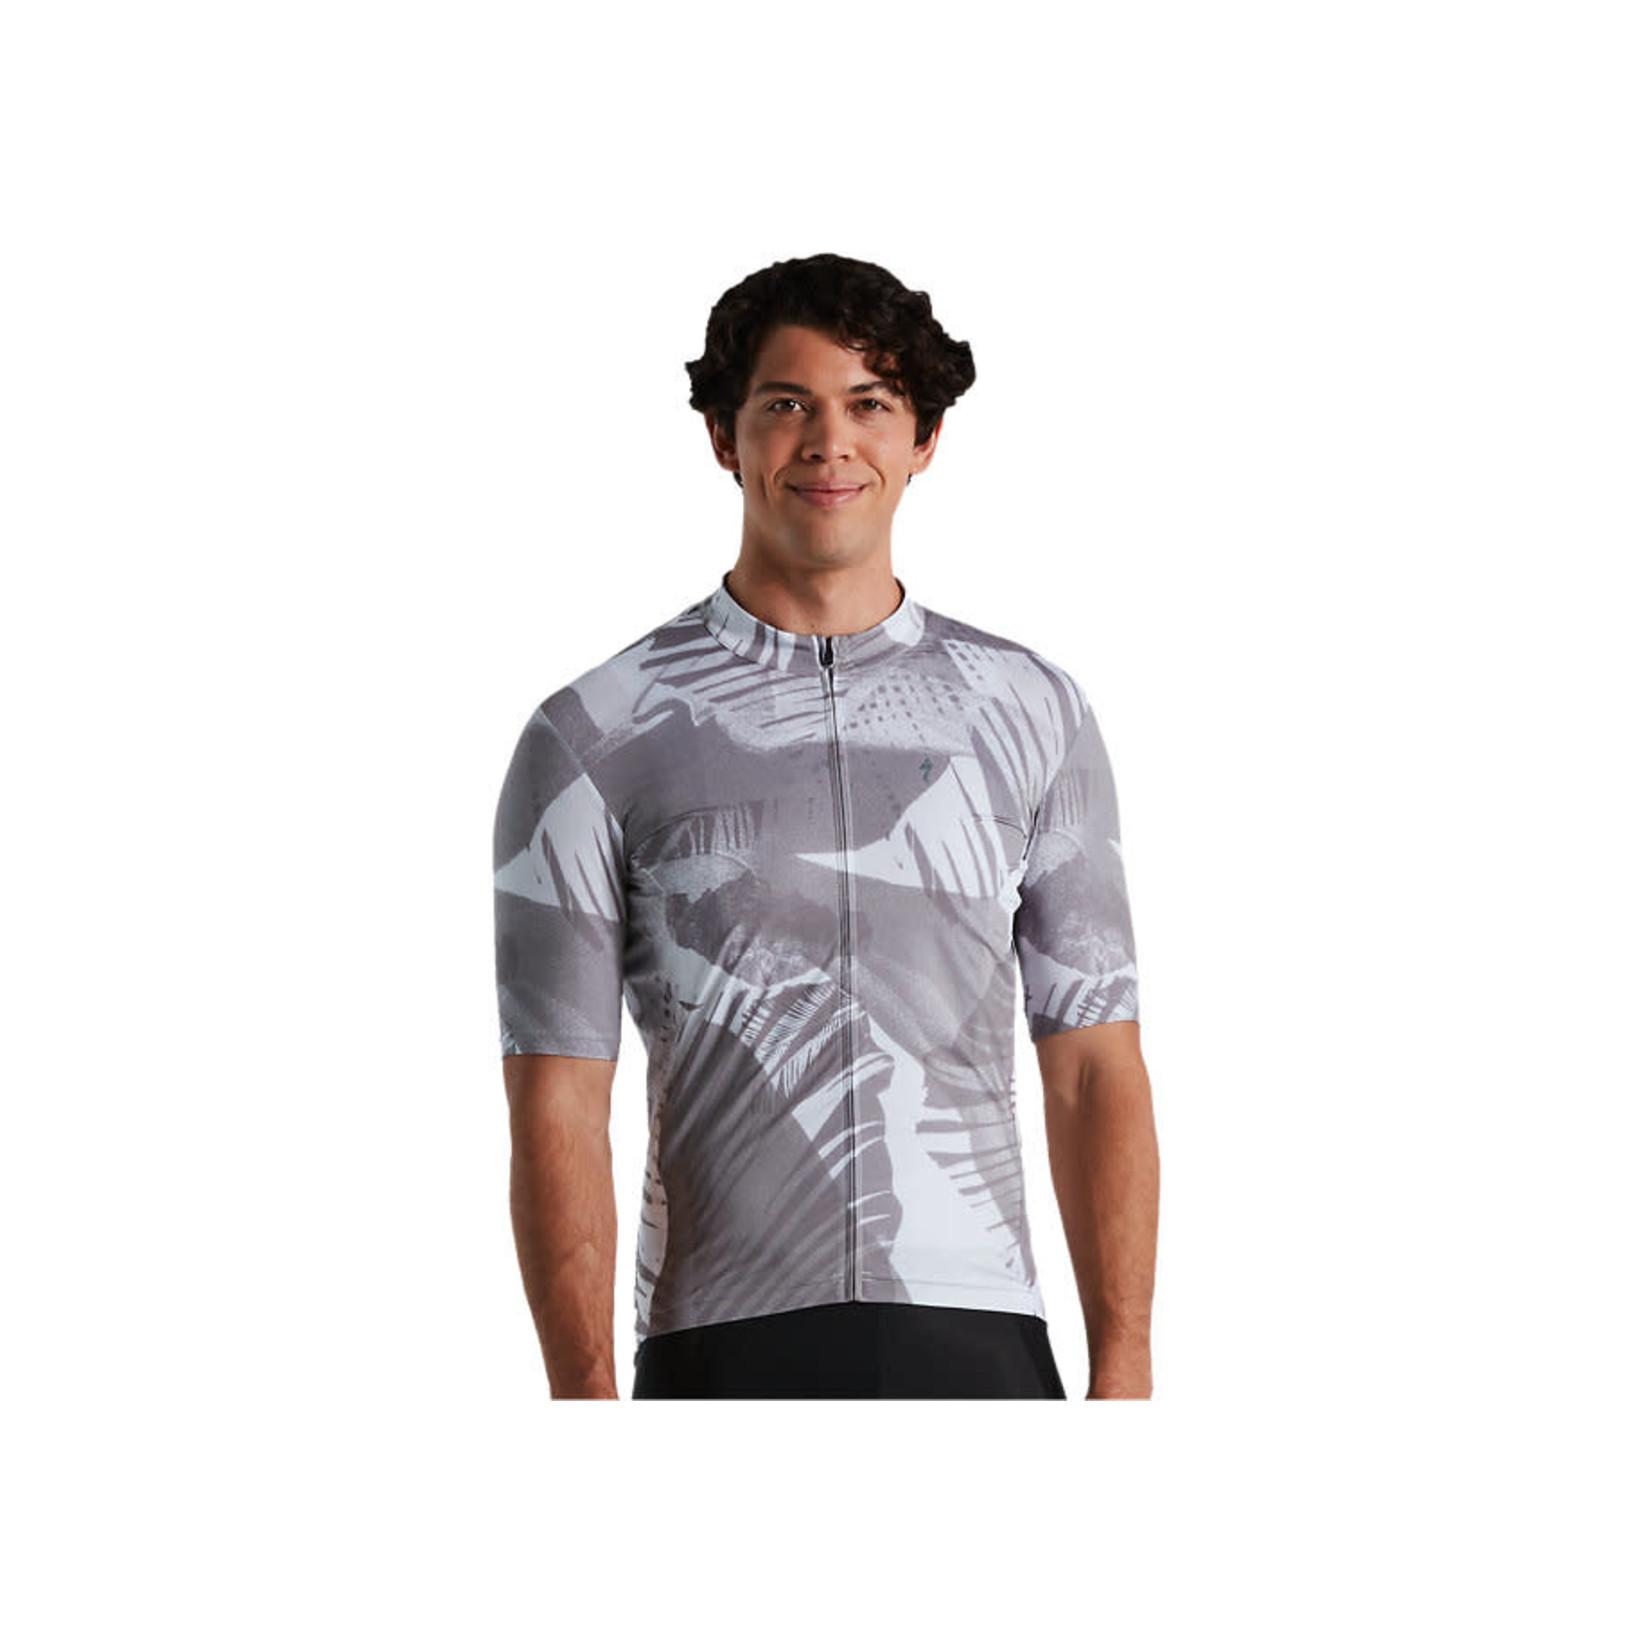 Specialized Specialized Men's RBX Jersey